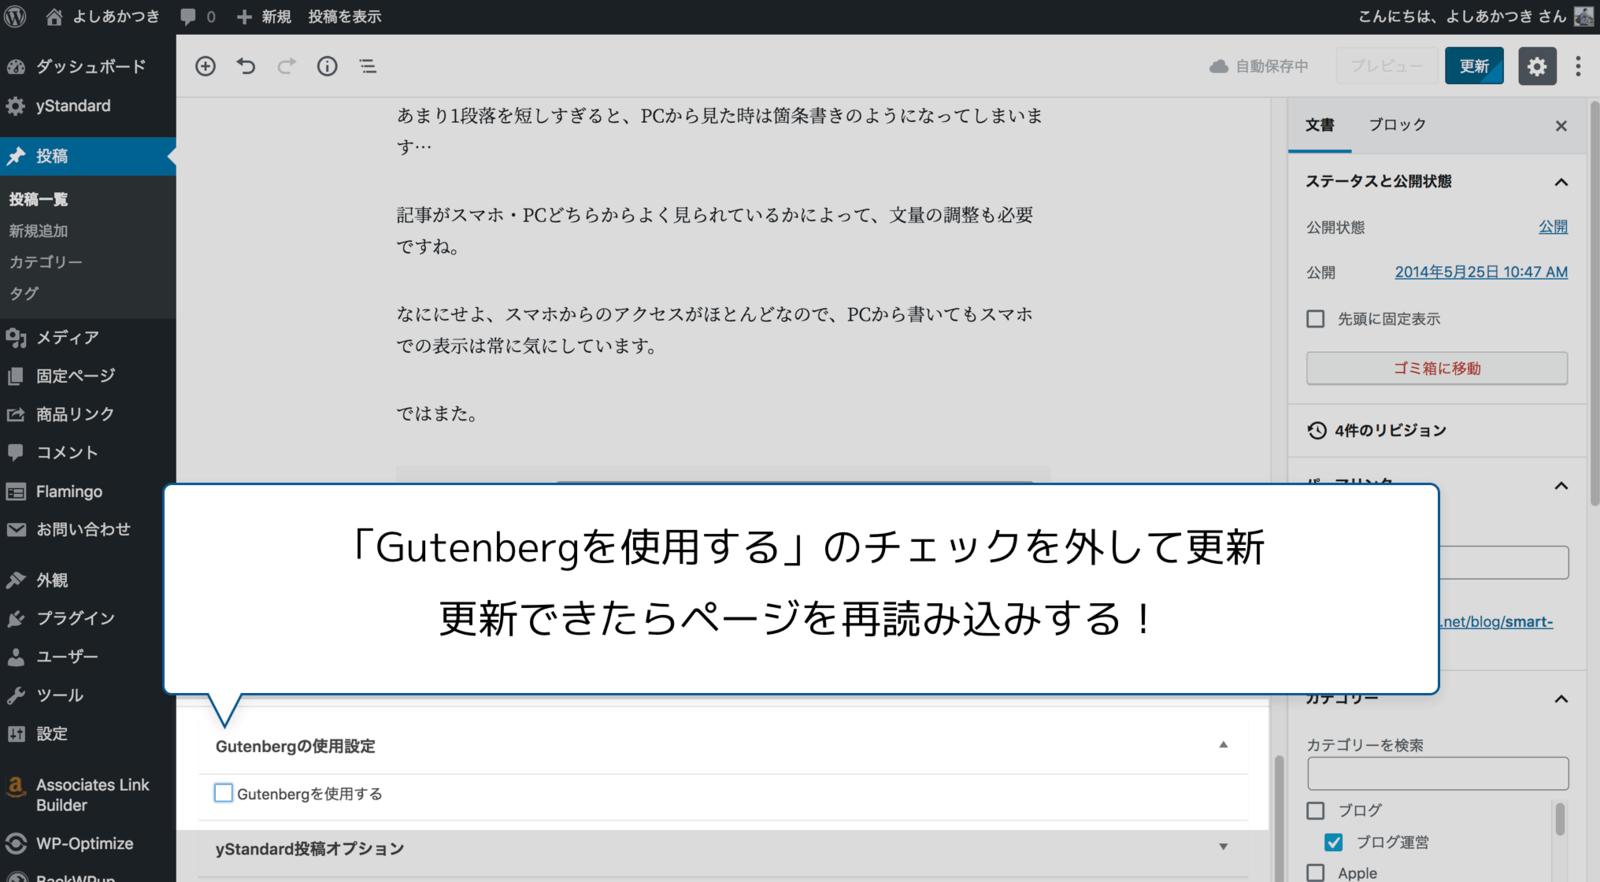 Gutenbergを使用するのチェックを外せばクラシックエディターに戻る